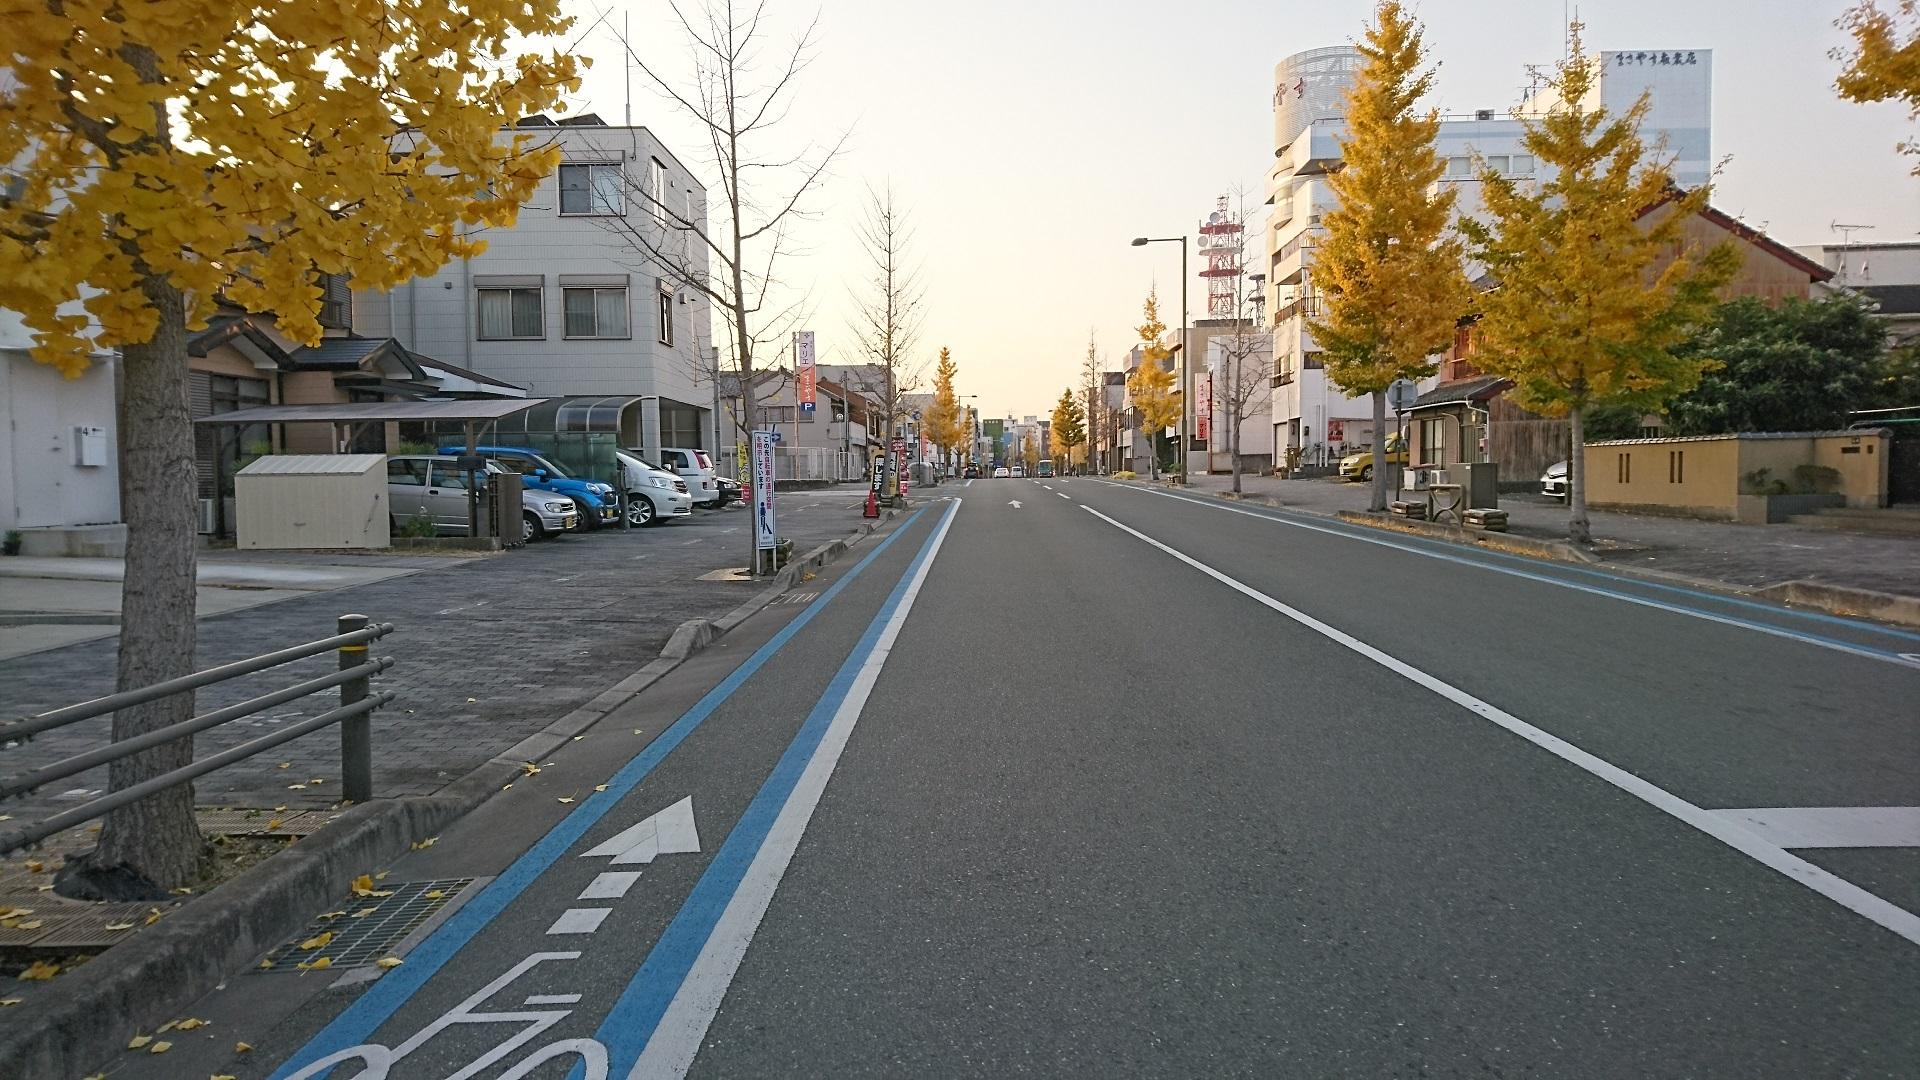 2016.12.9 豊橋 (20) けやきどおりとまじわるとおり 1920-1080